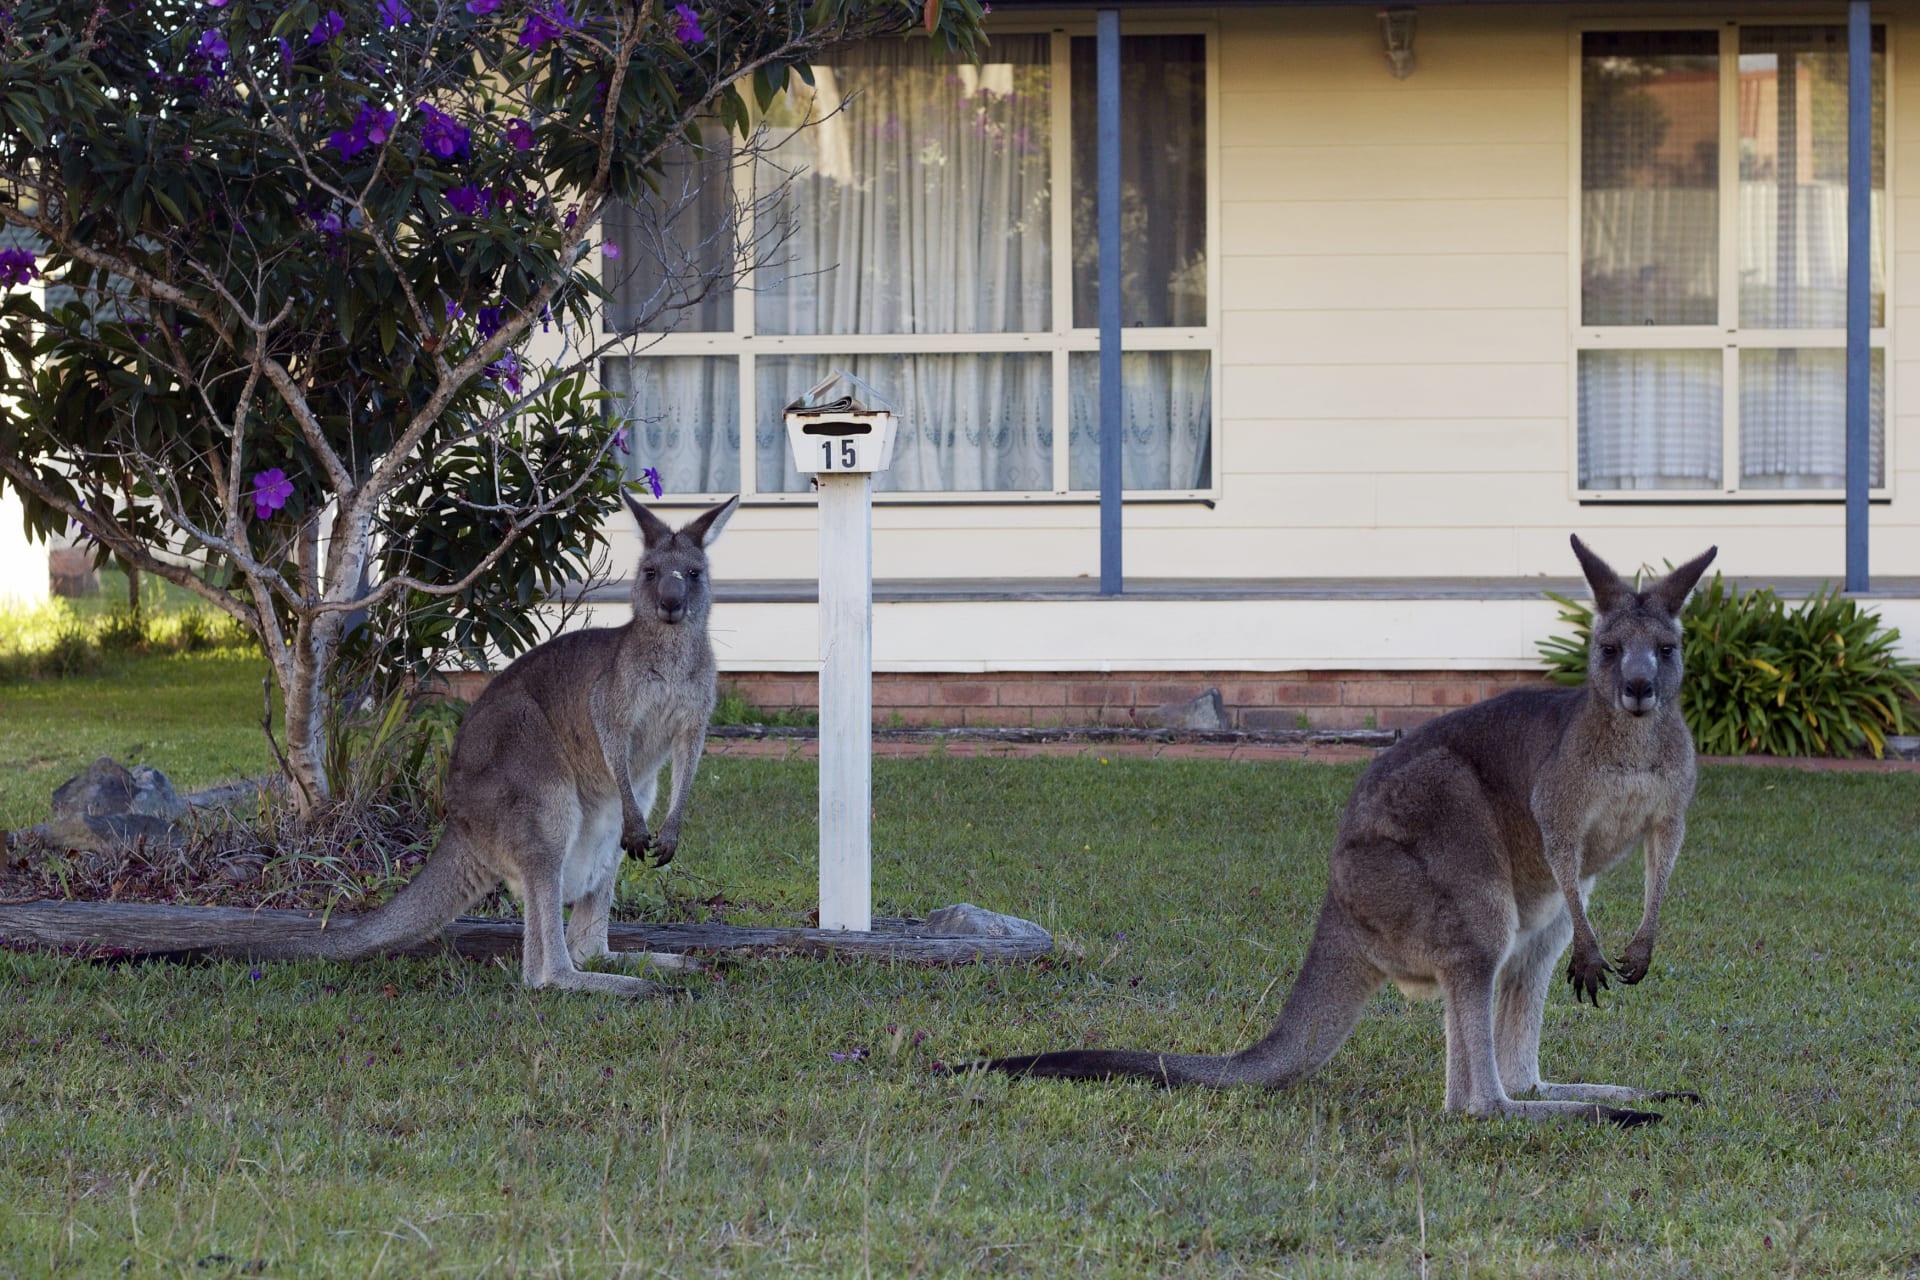 حيوانات الكنغر تجتاح شوارع العاصمة الأسترالية بحثاً عن الغذاء